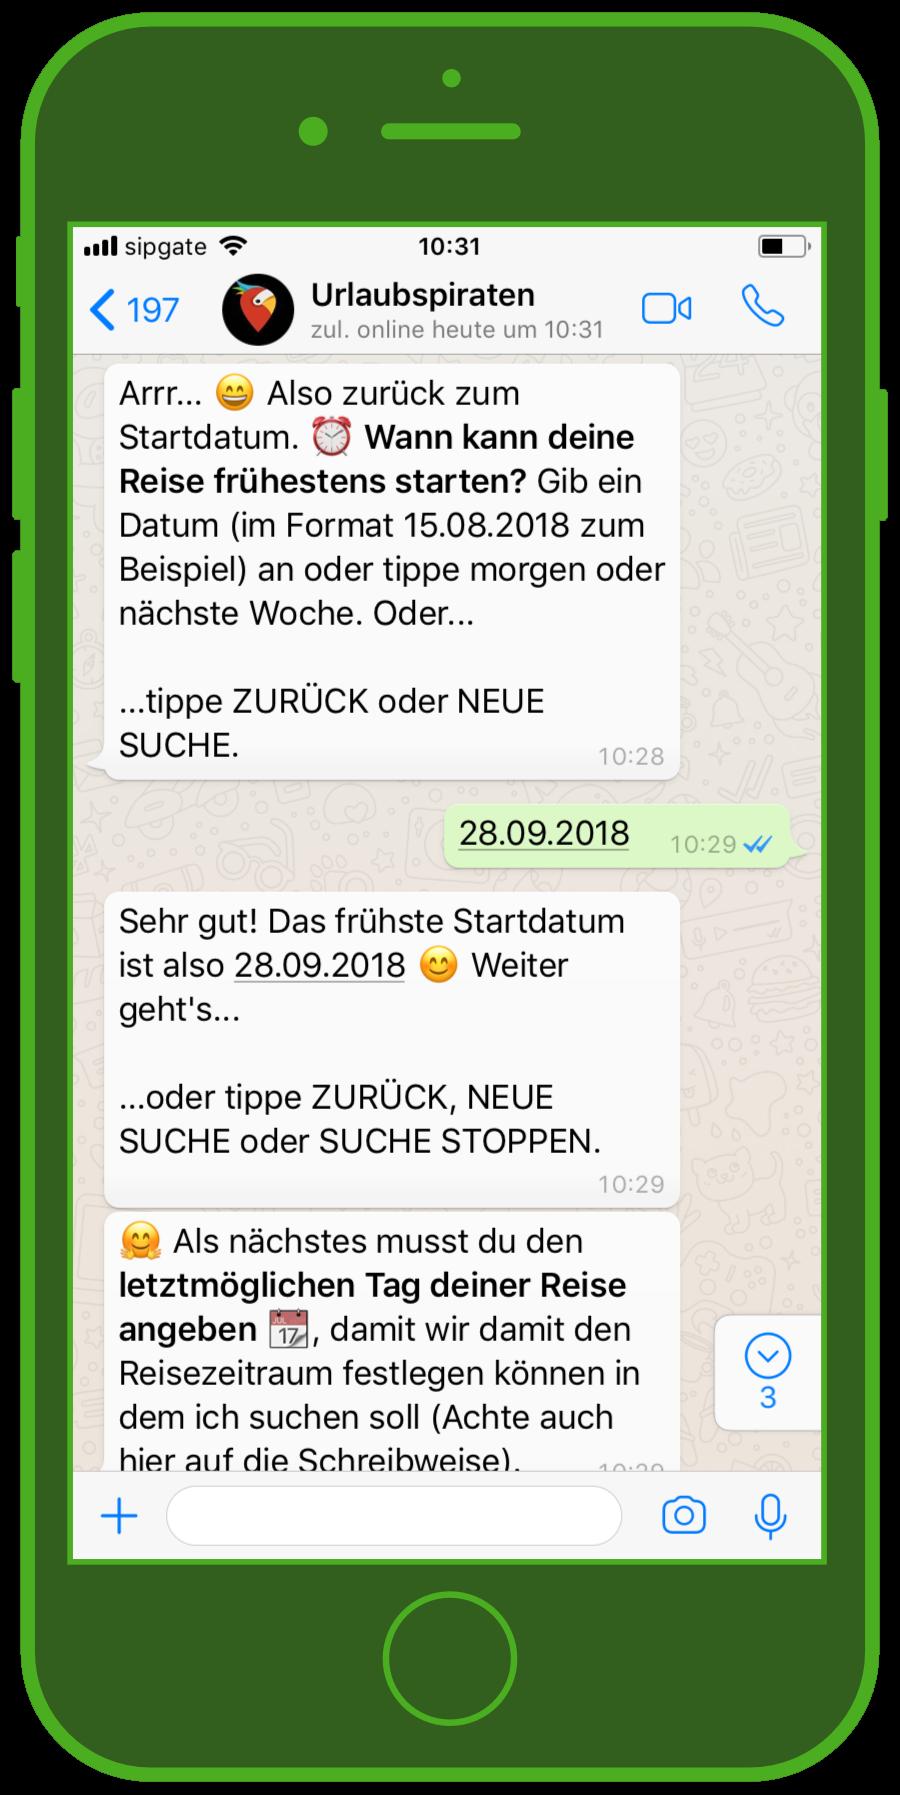 urlaubspiraten whatsapp